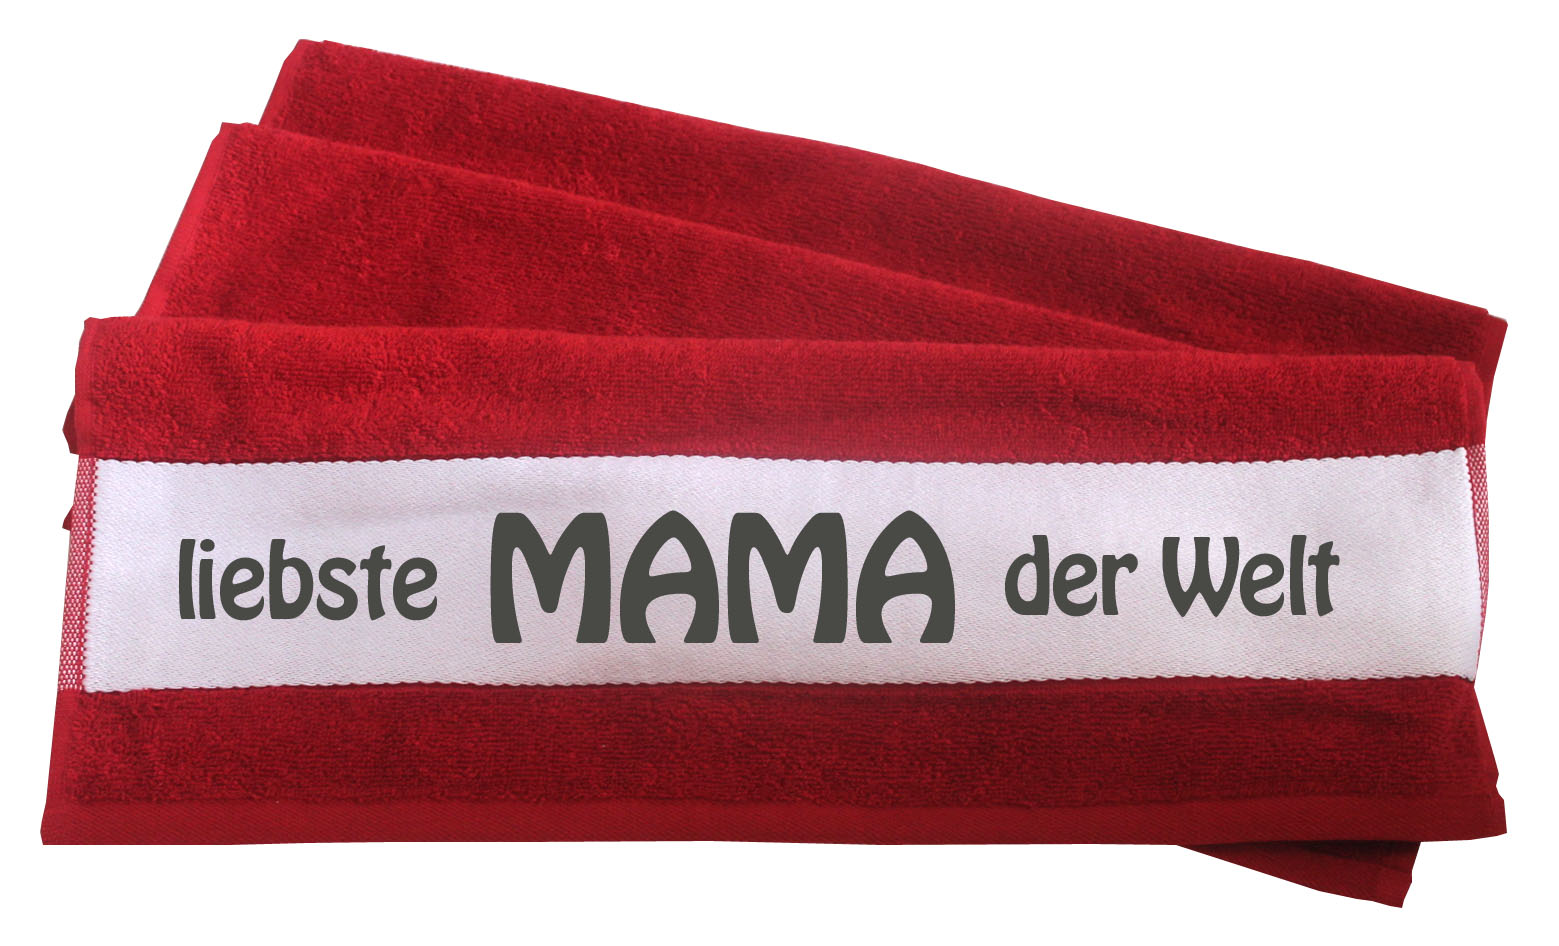 Handtuch liebste Mama der Welt rot 50x100